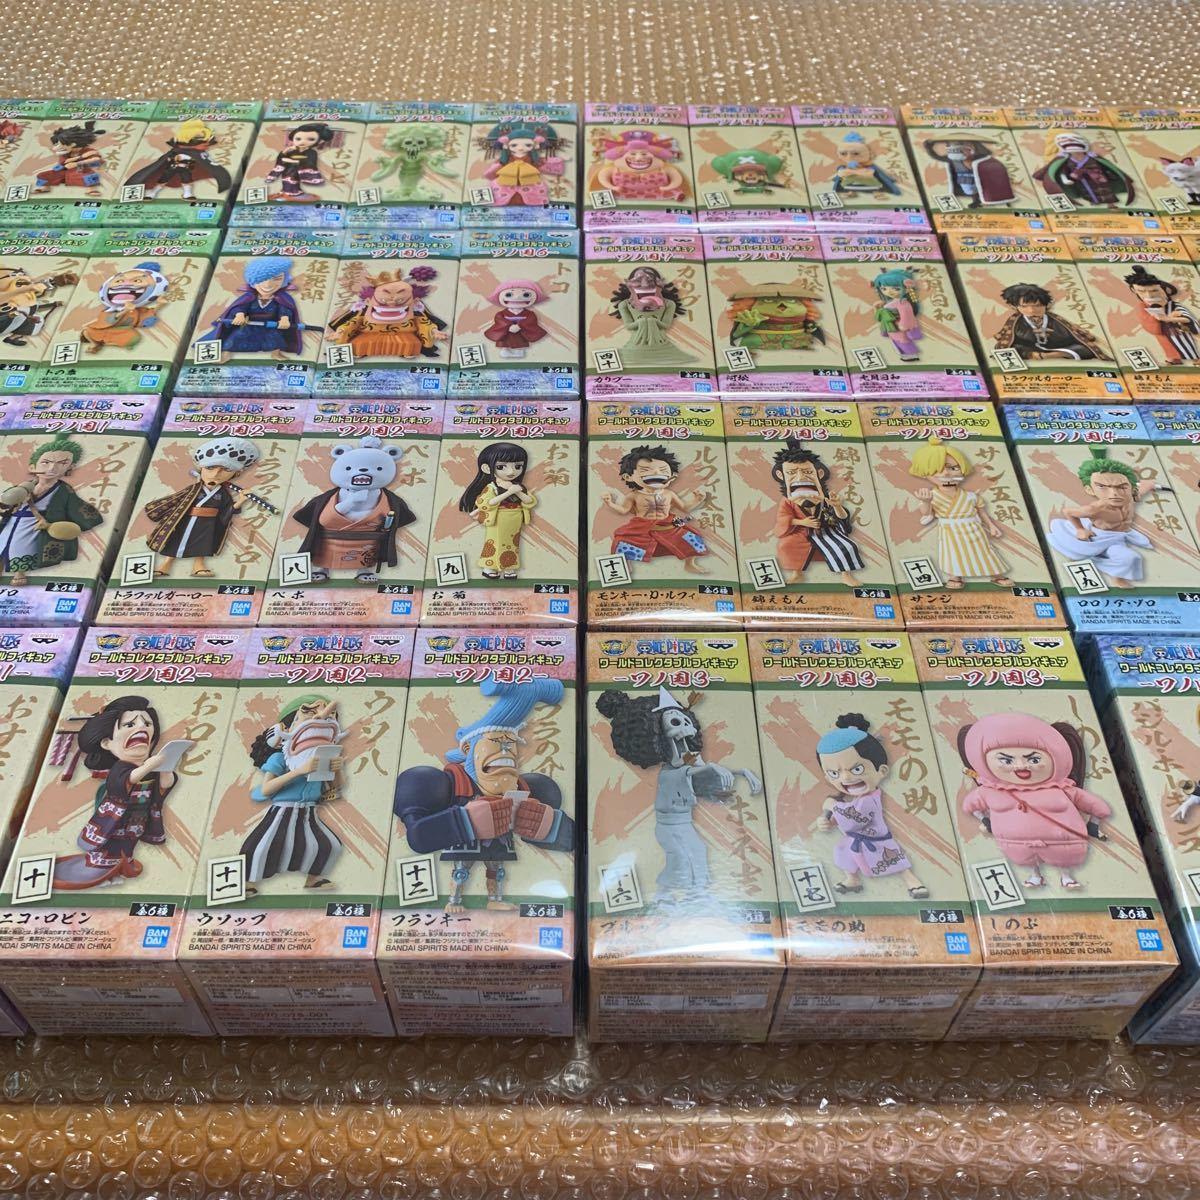 ワンピース ワールドコレクタブル フィギュア ワン国 vol.1~vol.8 新品未開封 オール金色版権